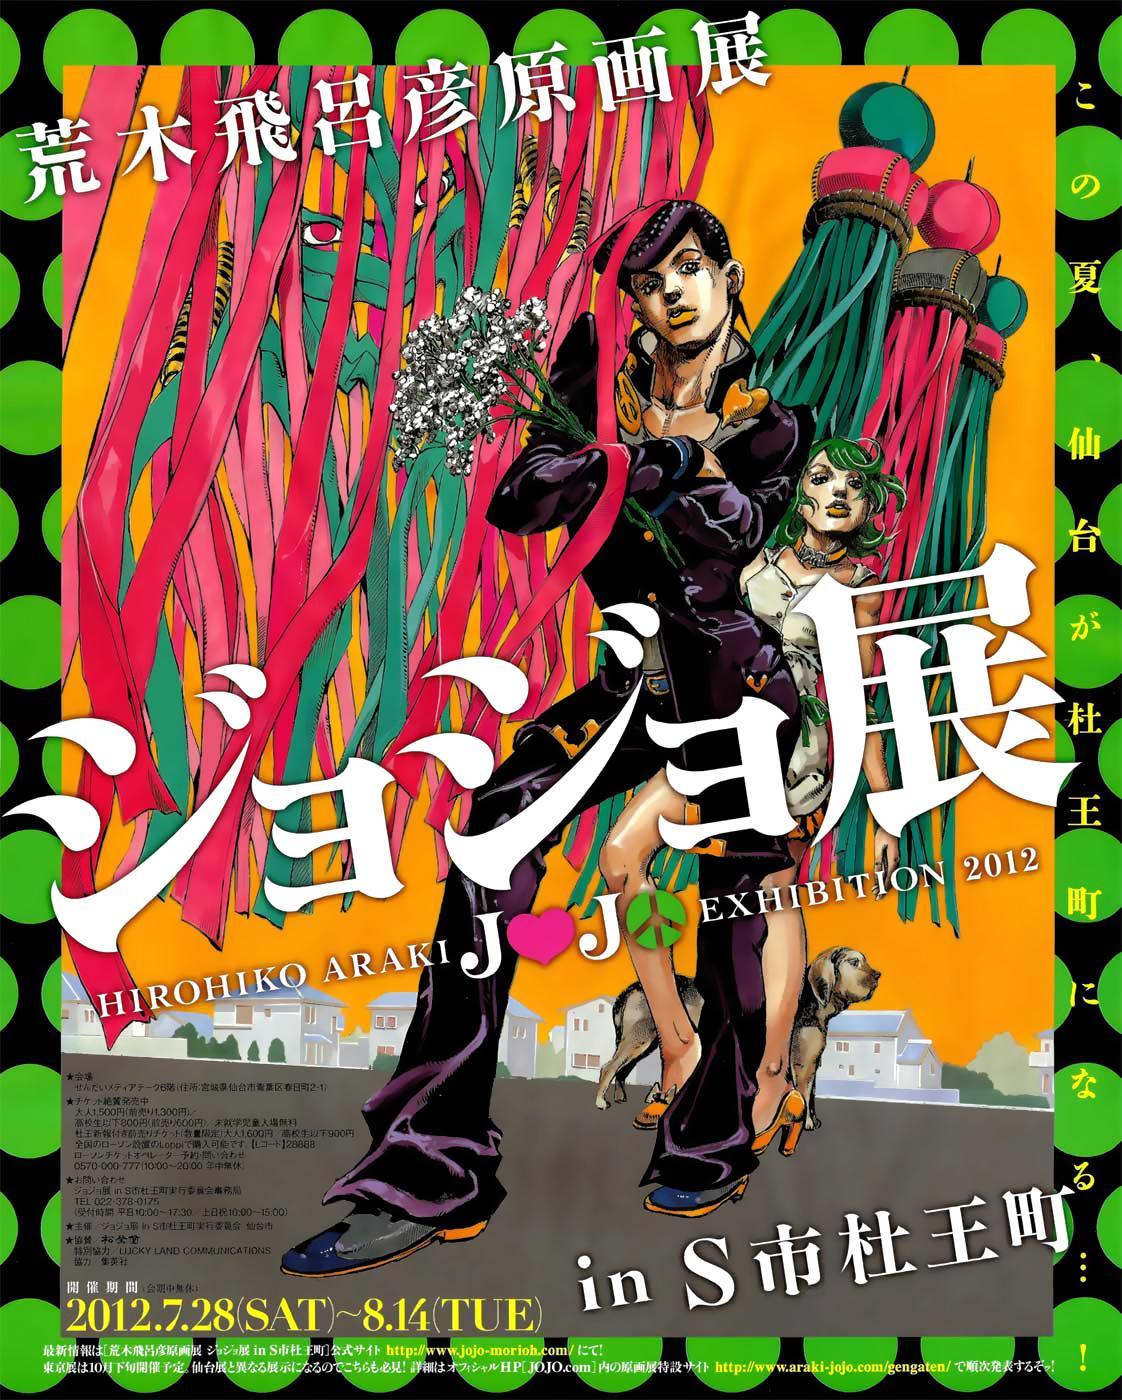 Expo Exhibition Stands Jojo : Hirohiko araki jojo exhibition s bizarre